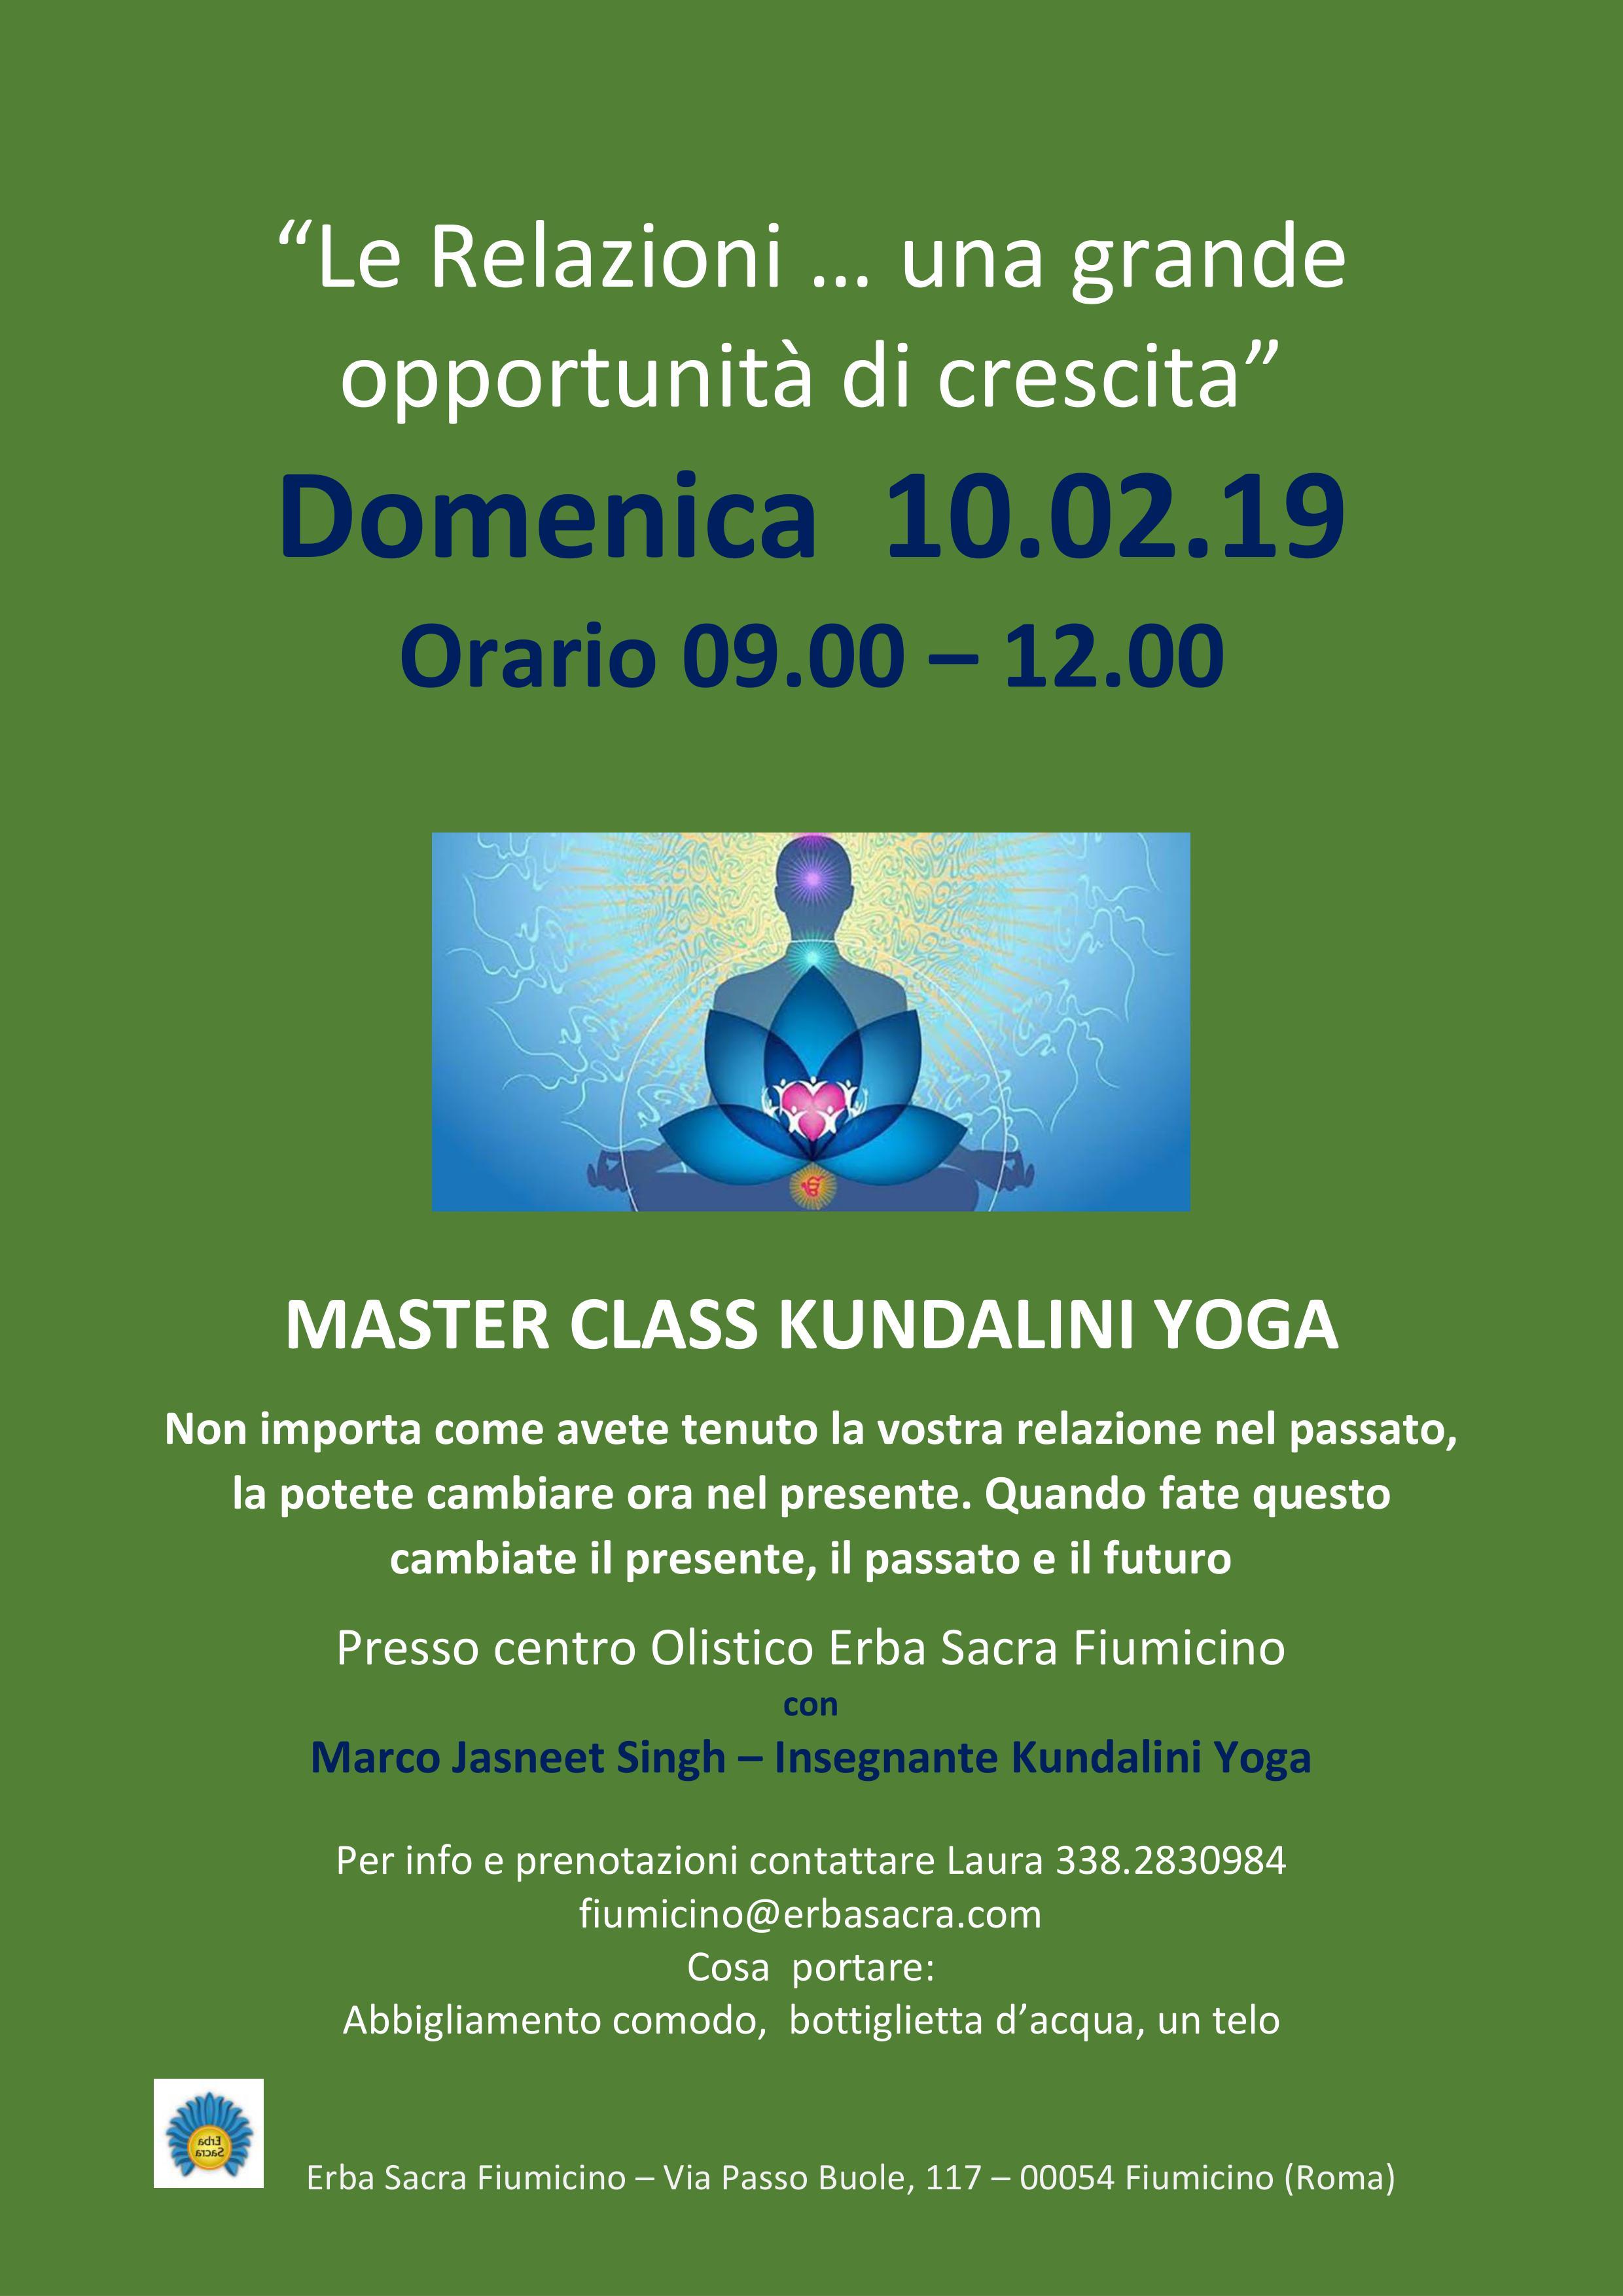 Servizio di incontri di Kundalini Yoga